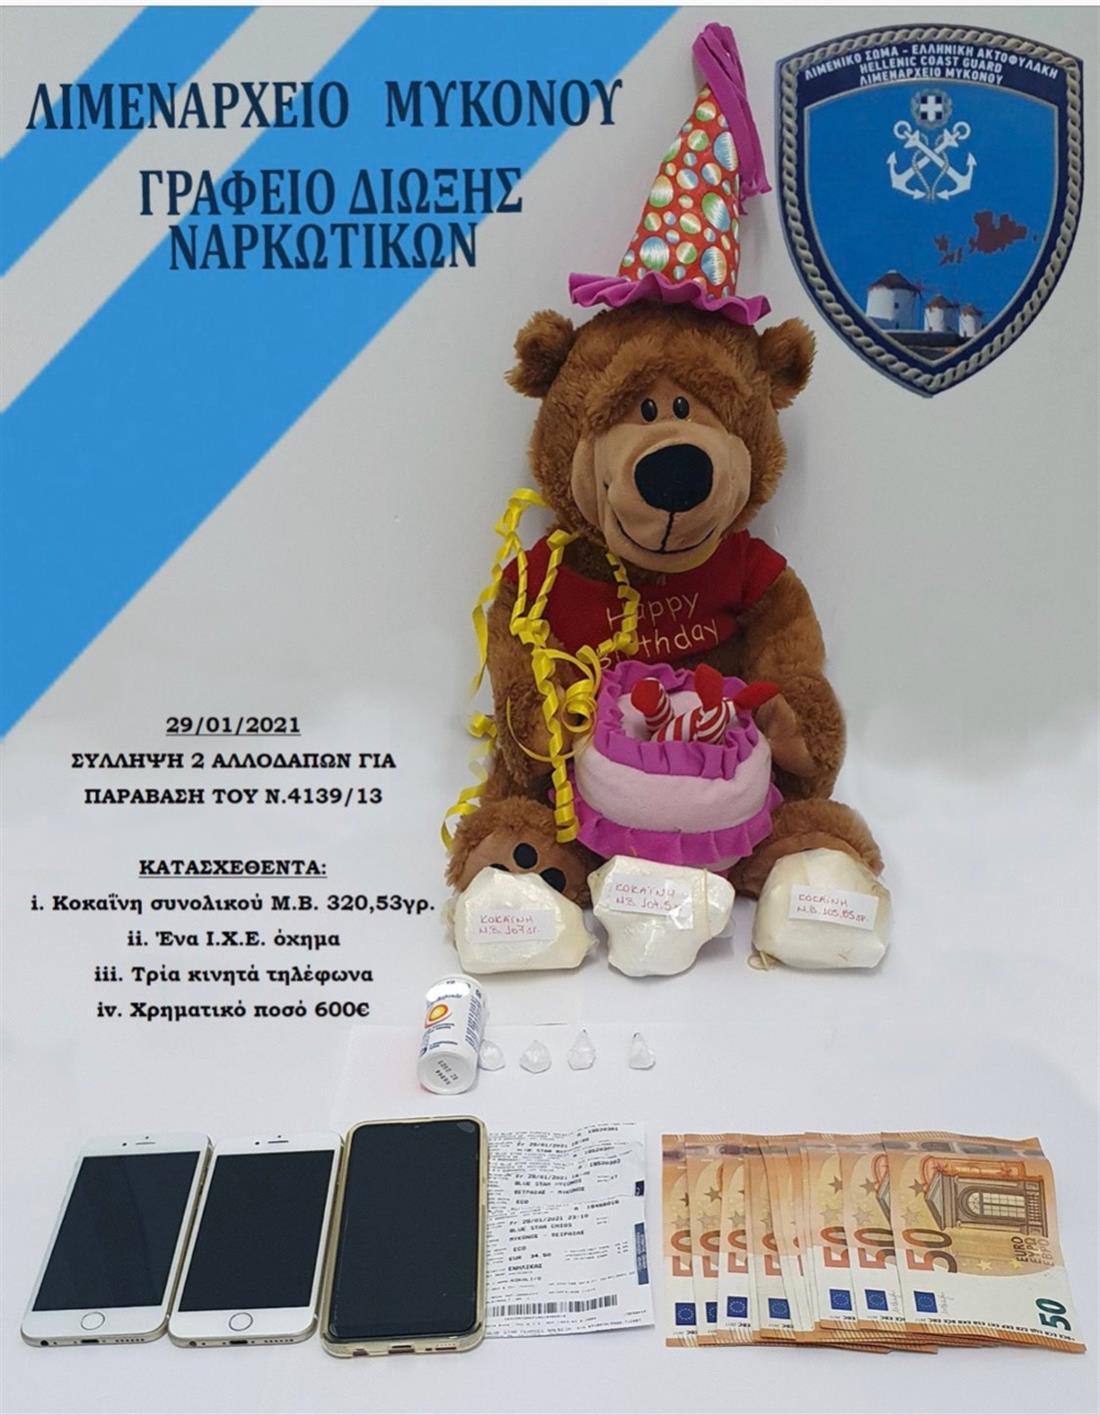 ναρκωτικά - λούτρινο αρκουδάκι